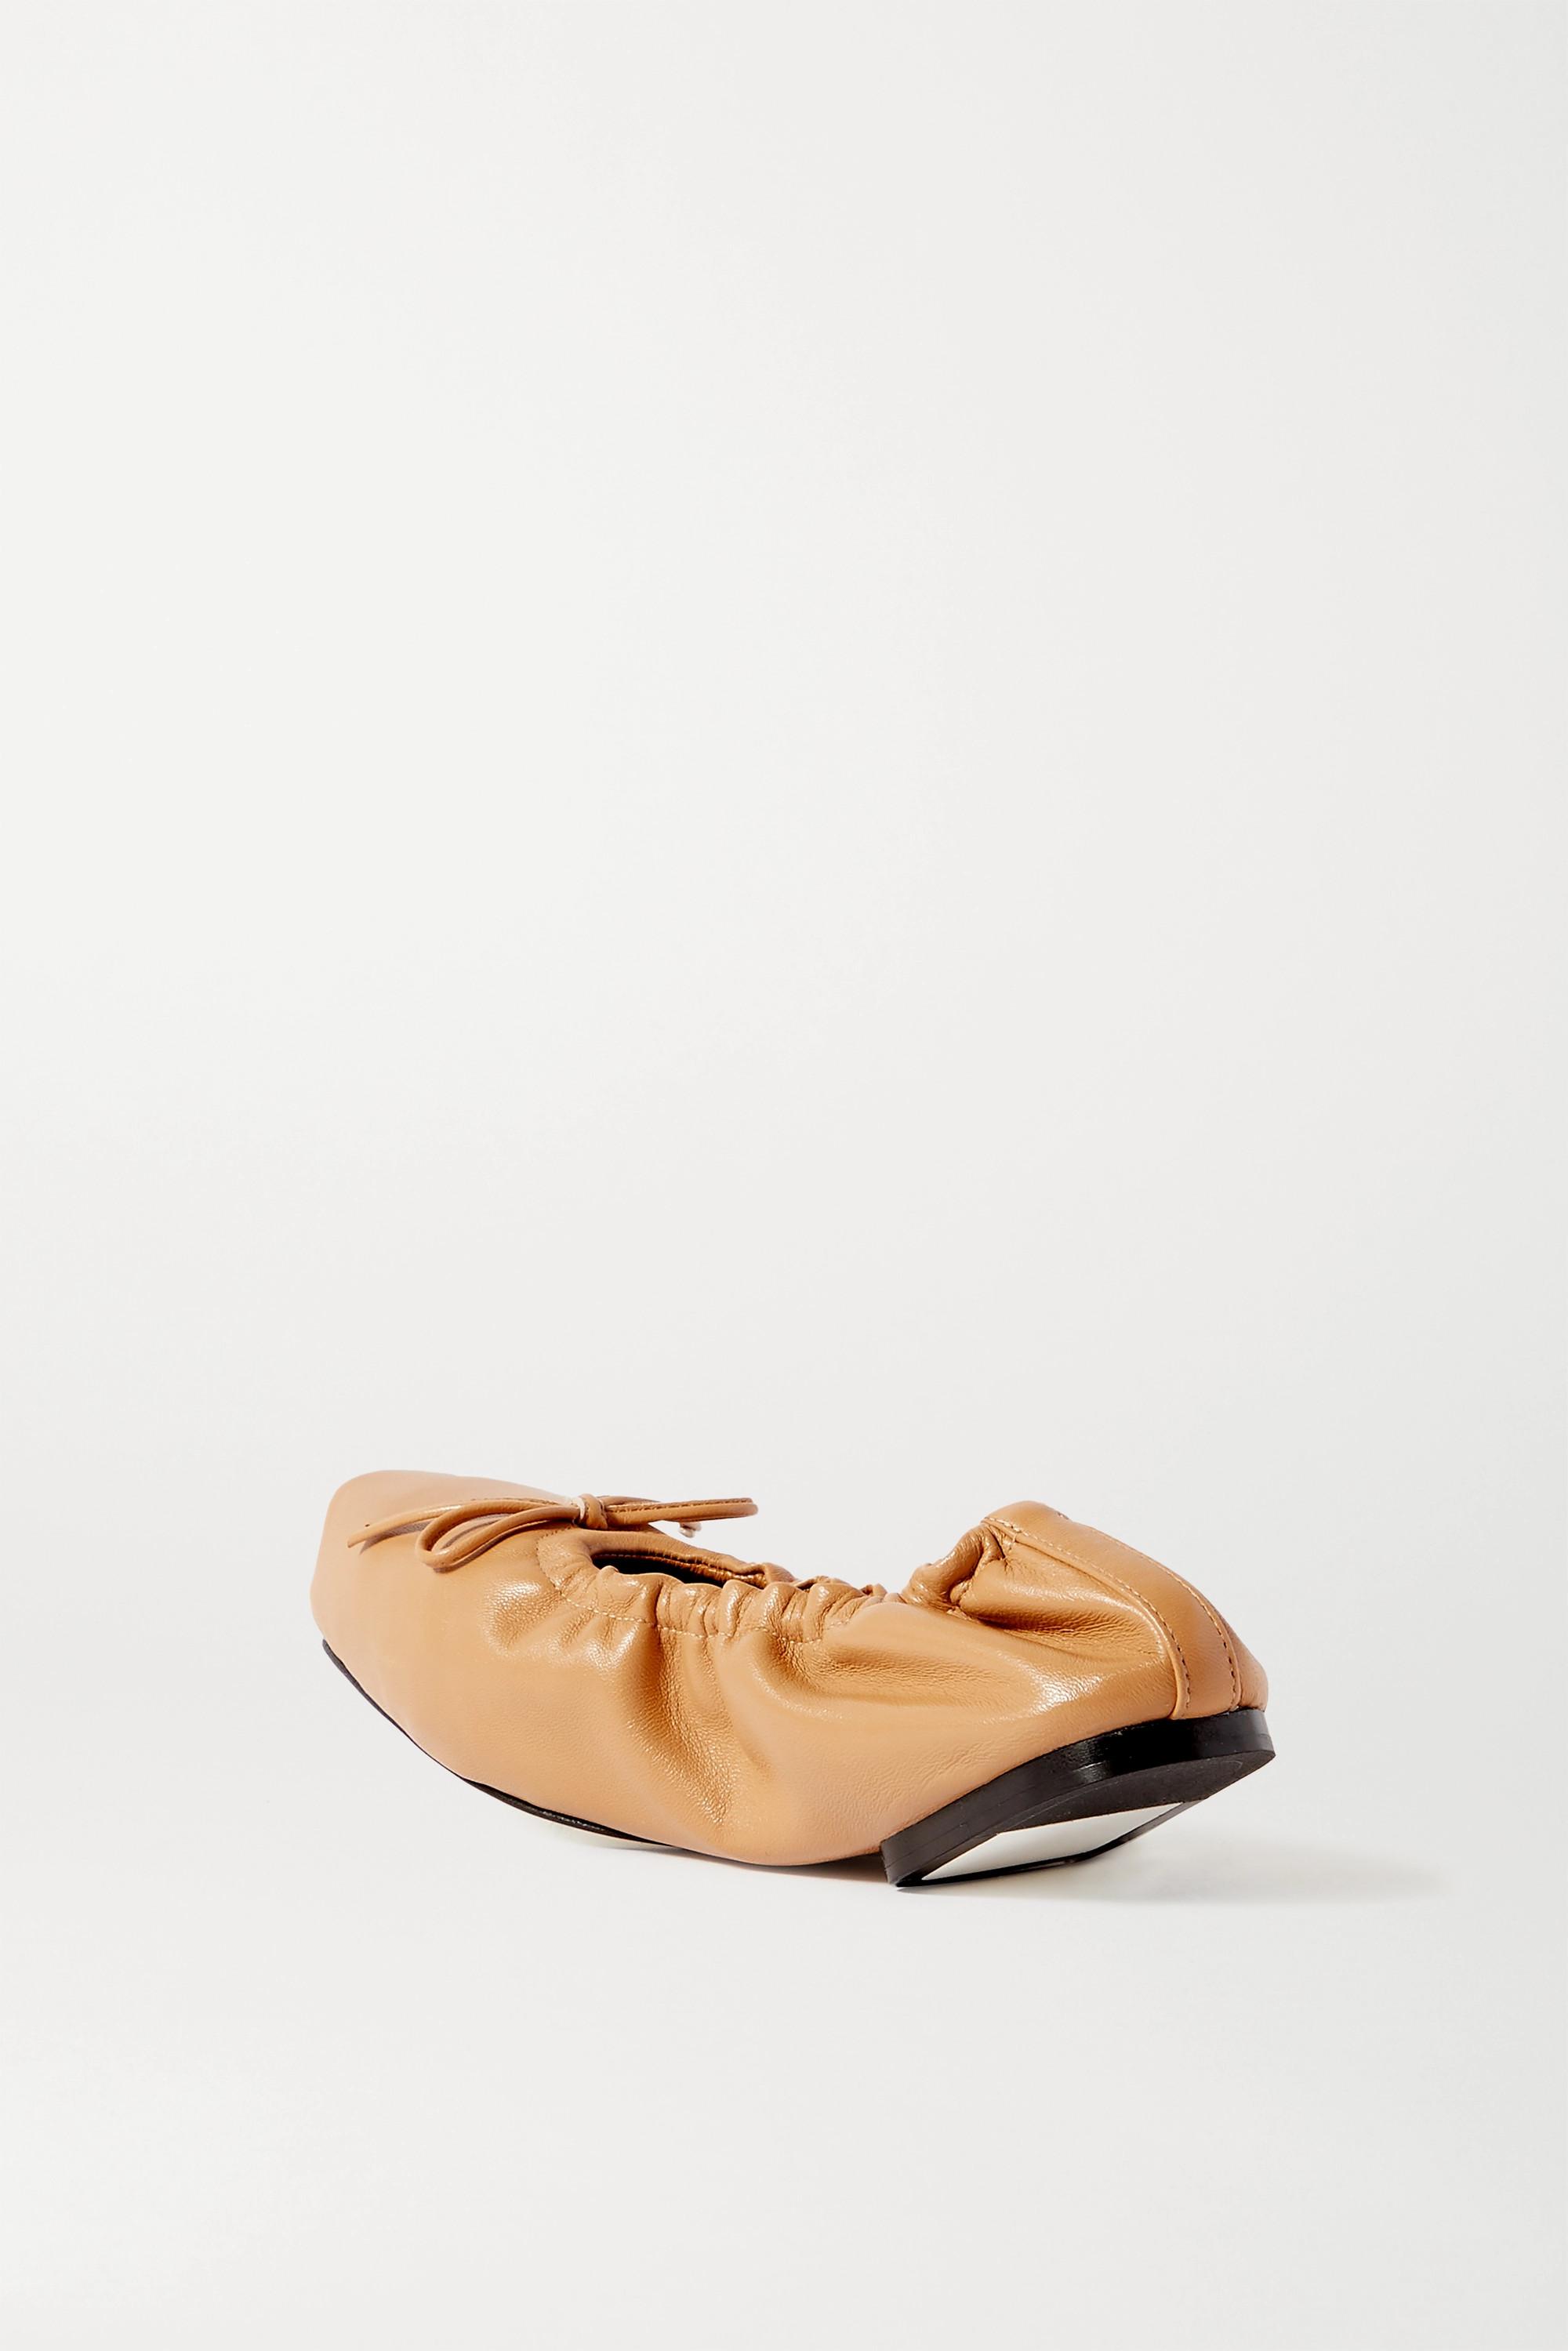 Khaite Ashland bow-embellished leather ballet flats